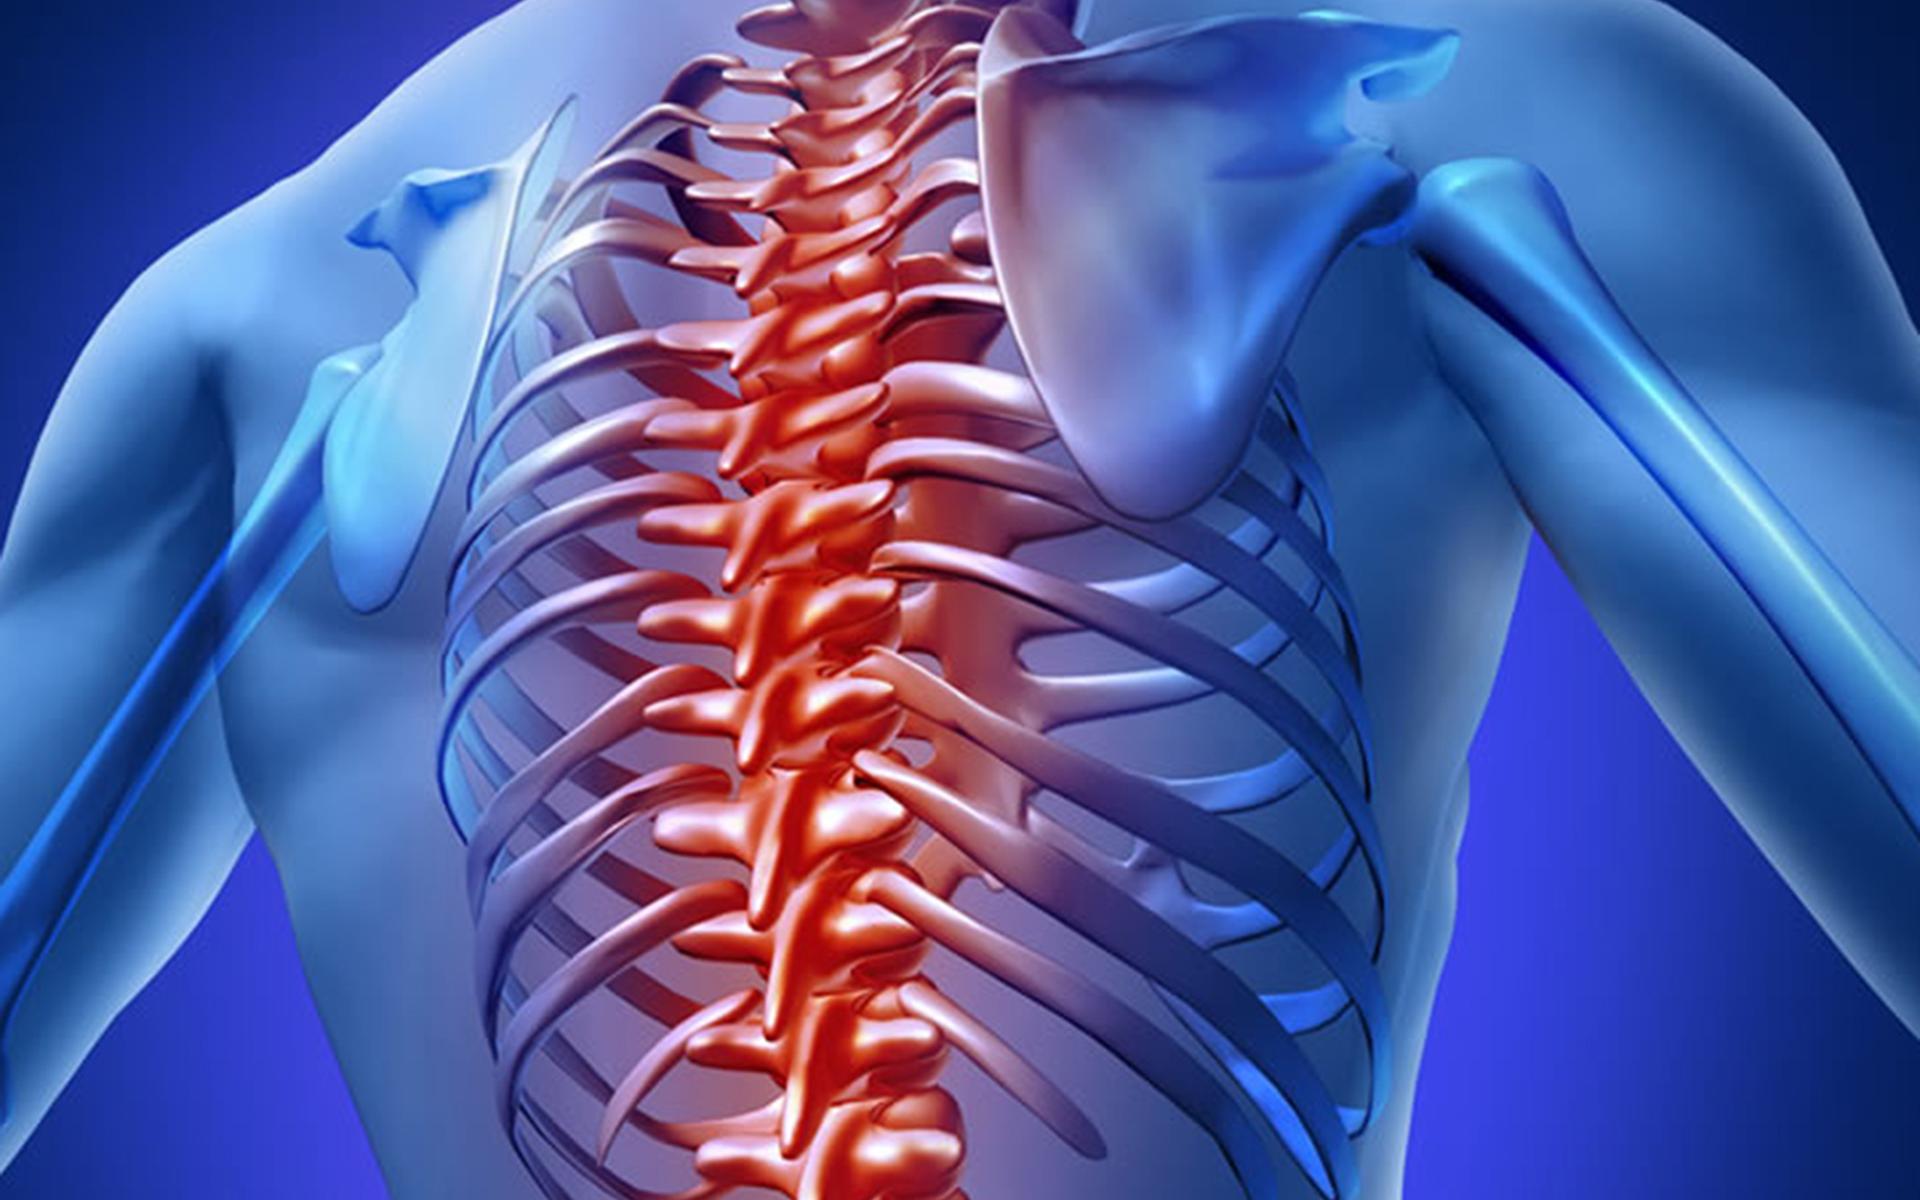 dureri articulare jurnal coloană vertebrală